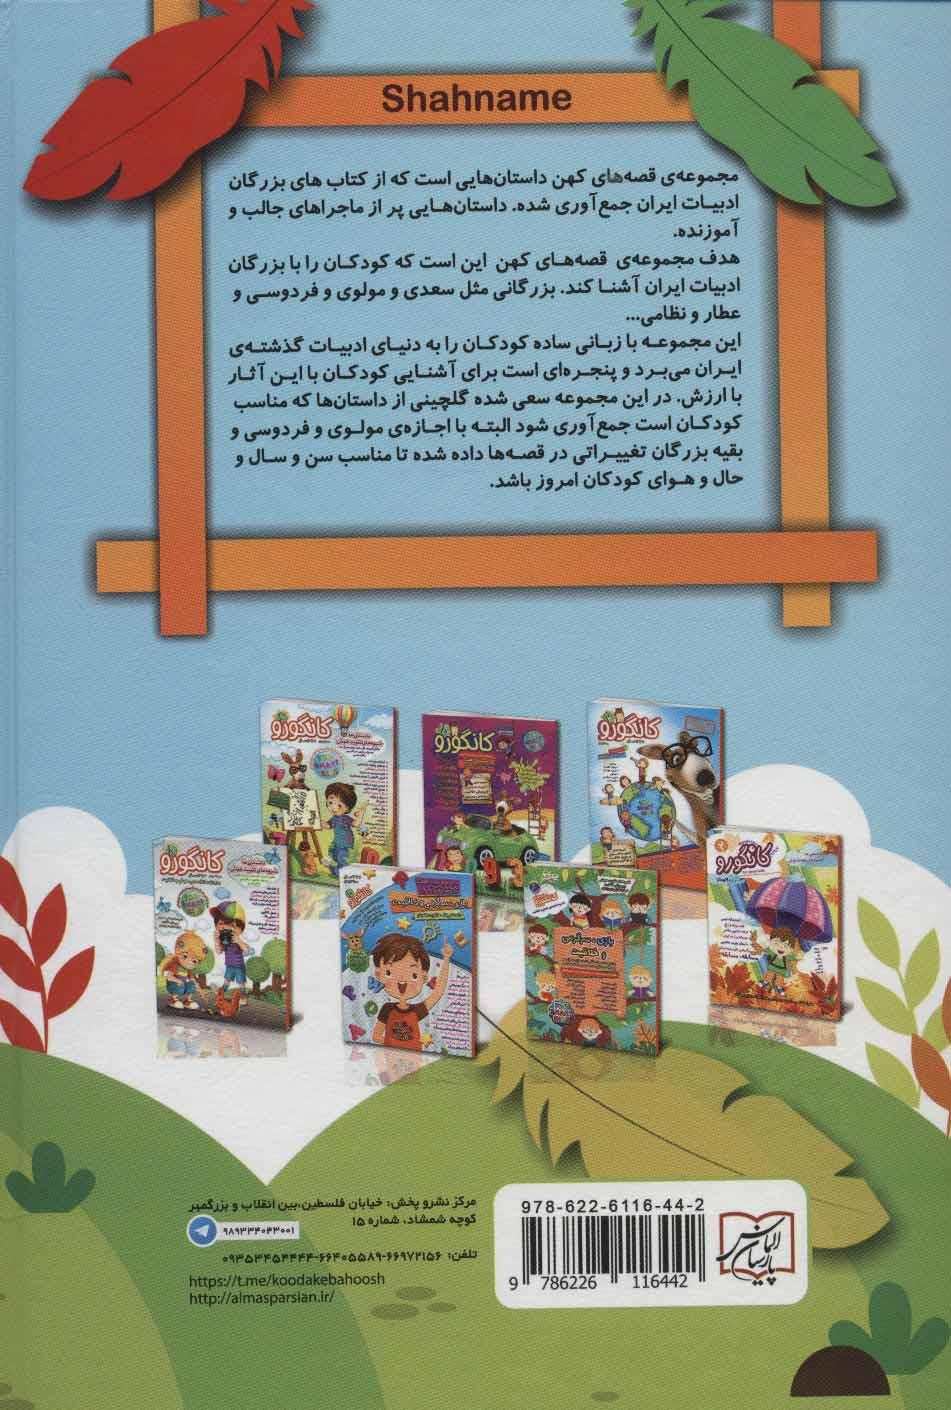 مجموعه قصه های کهن:شاهنامه (قصه های پندآموز)